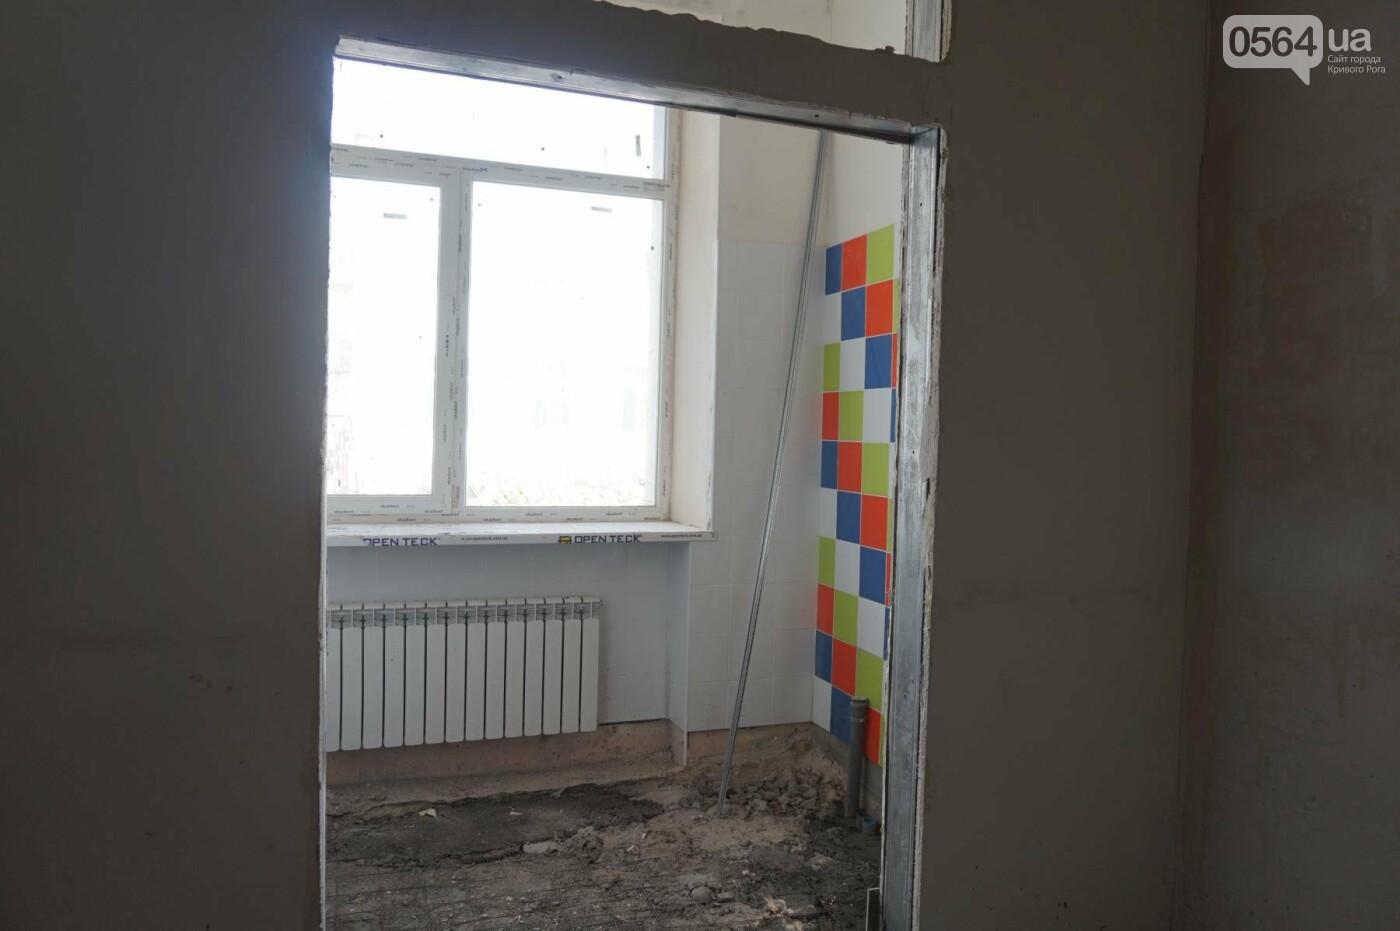 Приближаясь к Европе: Как в школах Кривого Рога внедряют инклюзию (ФОТО), фото-43